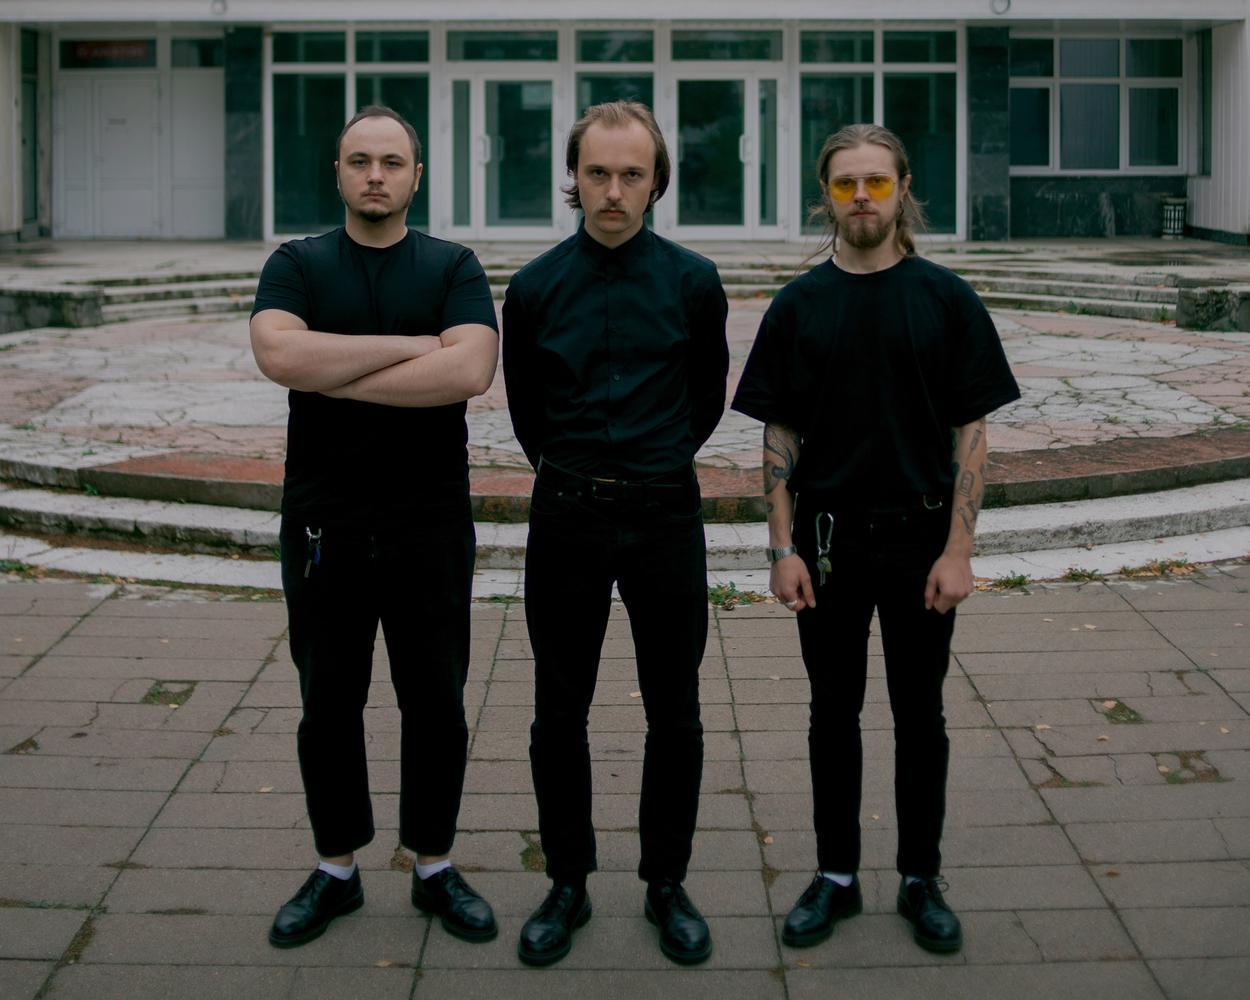 Molchat Doma besteht aus drei männlichen Bandmitgliedern. Wir sehen sie nebeneinanderstehend.